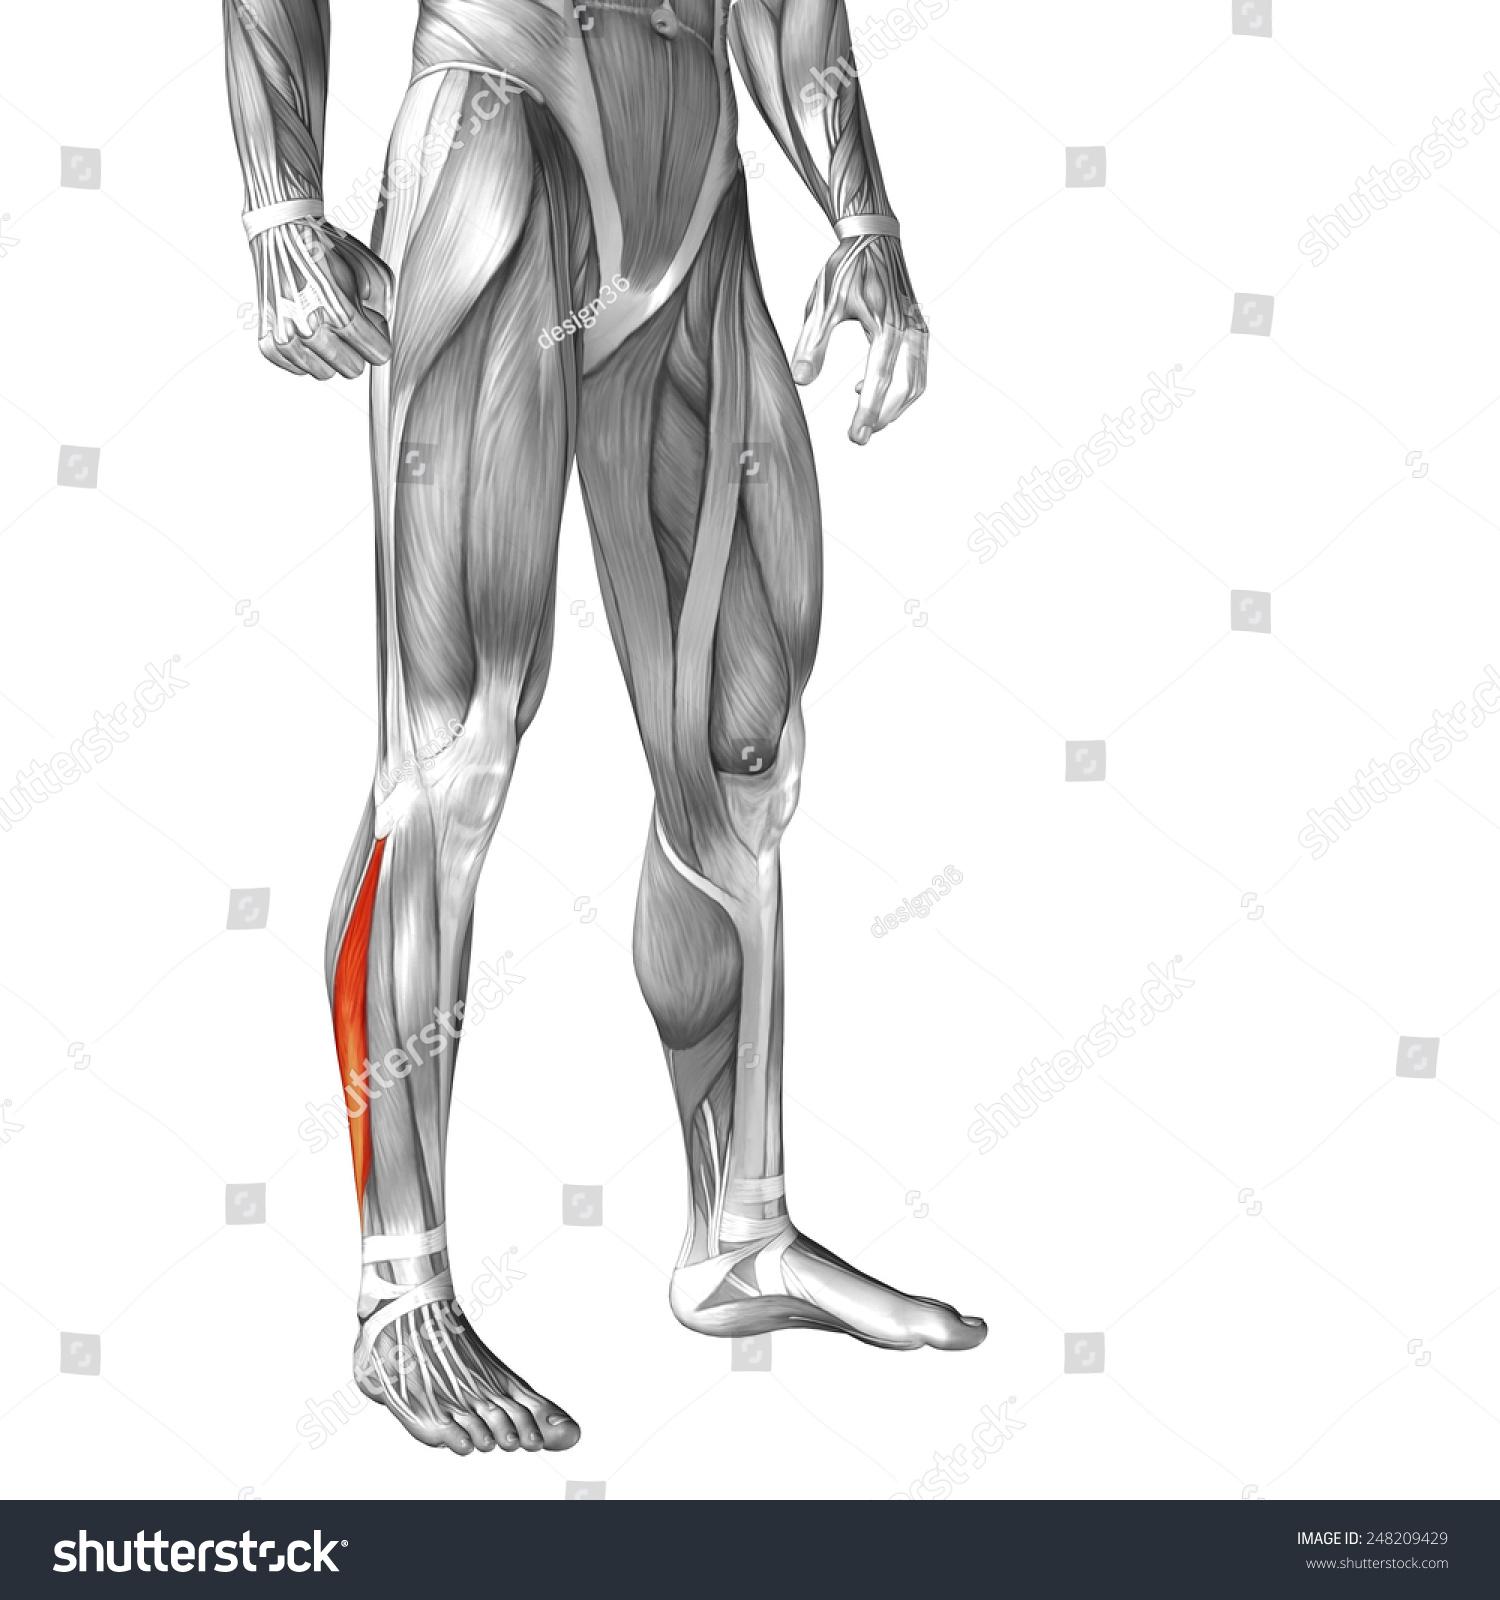 Exelent Fibularis Longus Festooning - Human Anatomy Images ...